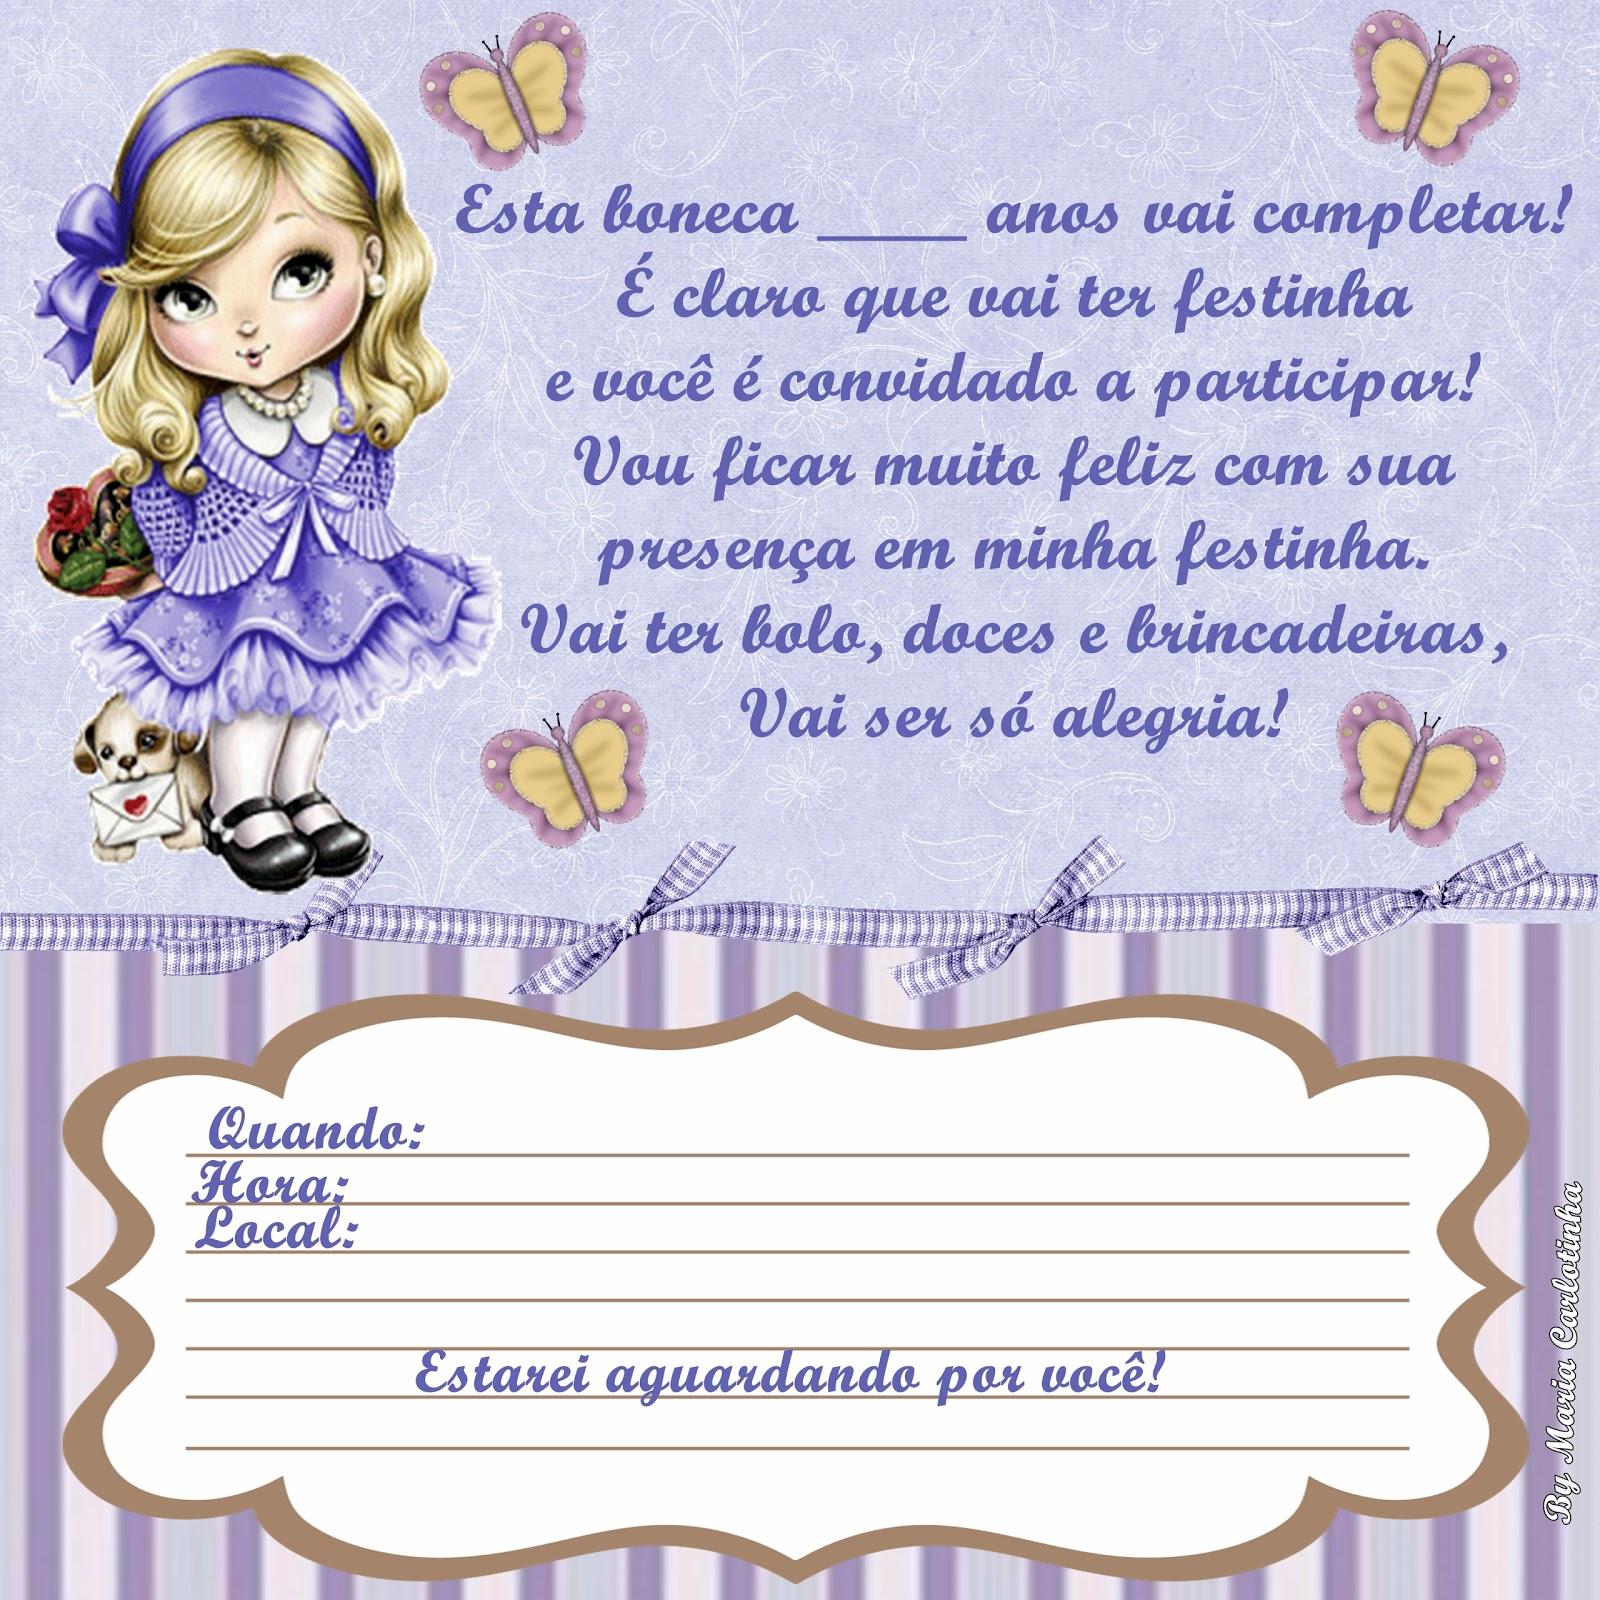 Convite De Anivers  Rio Jolie Lil  S E Rosa